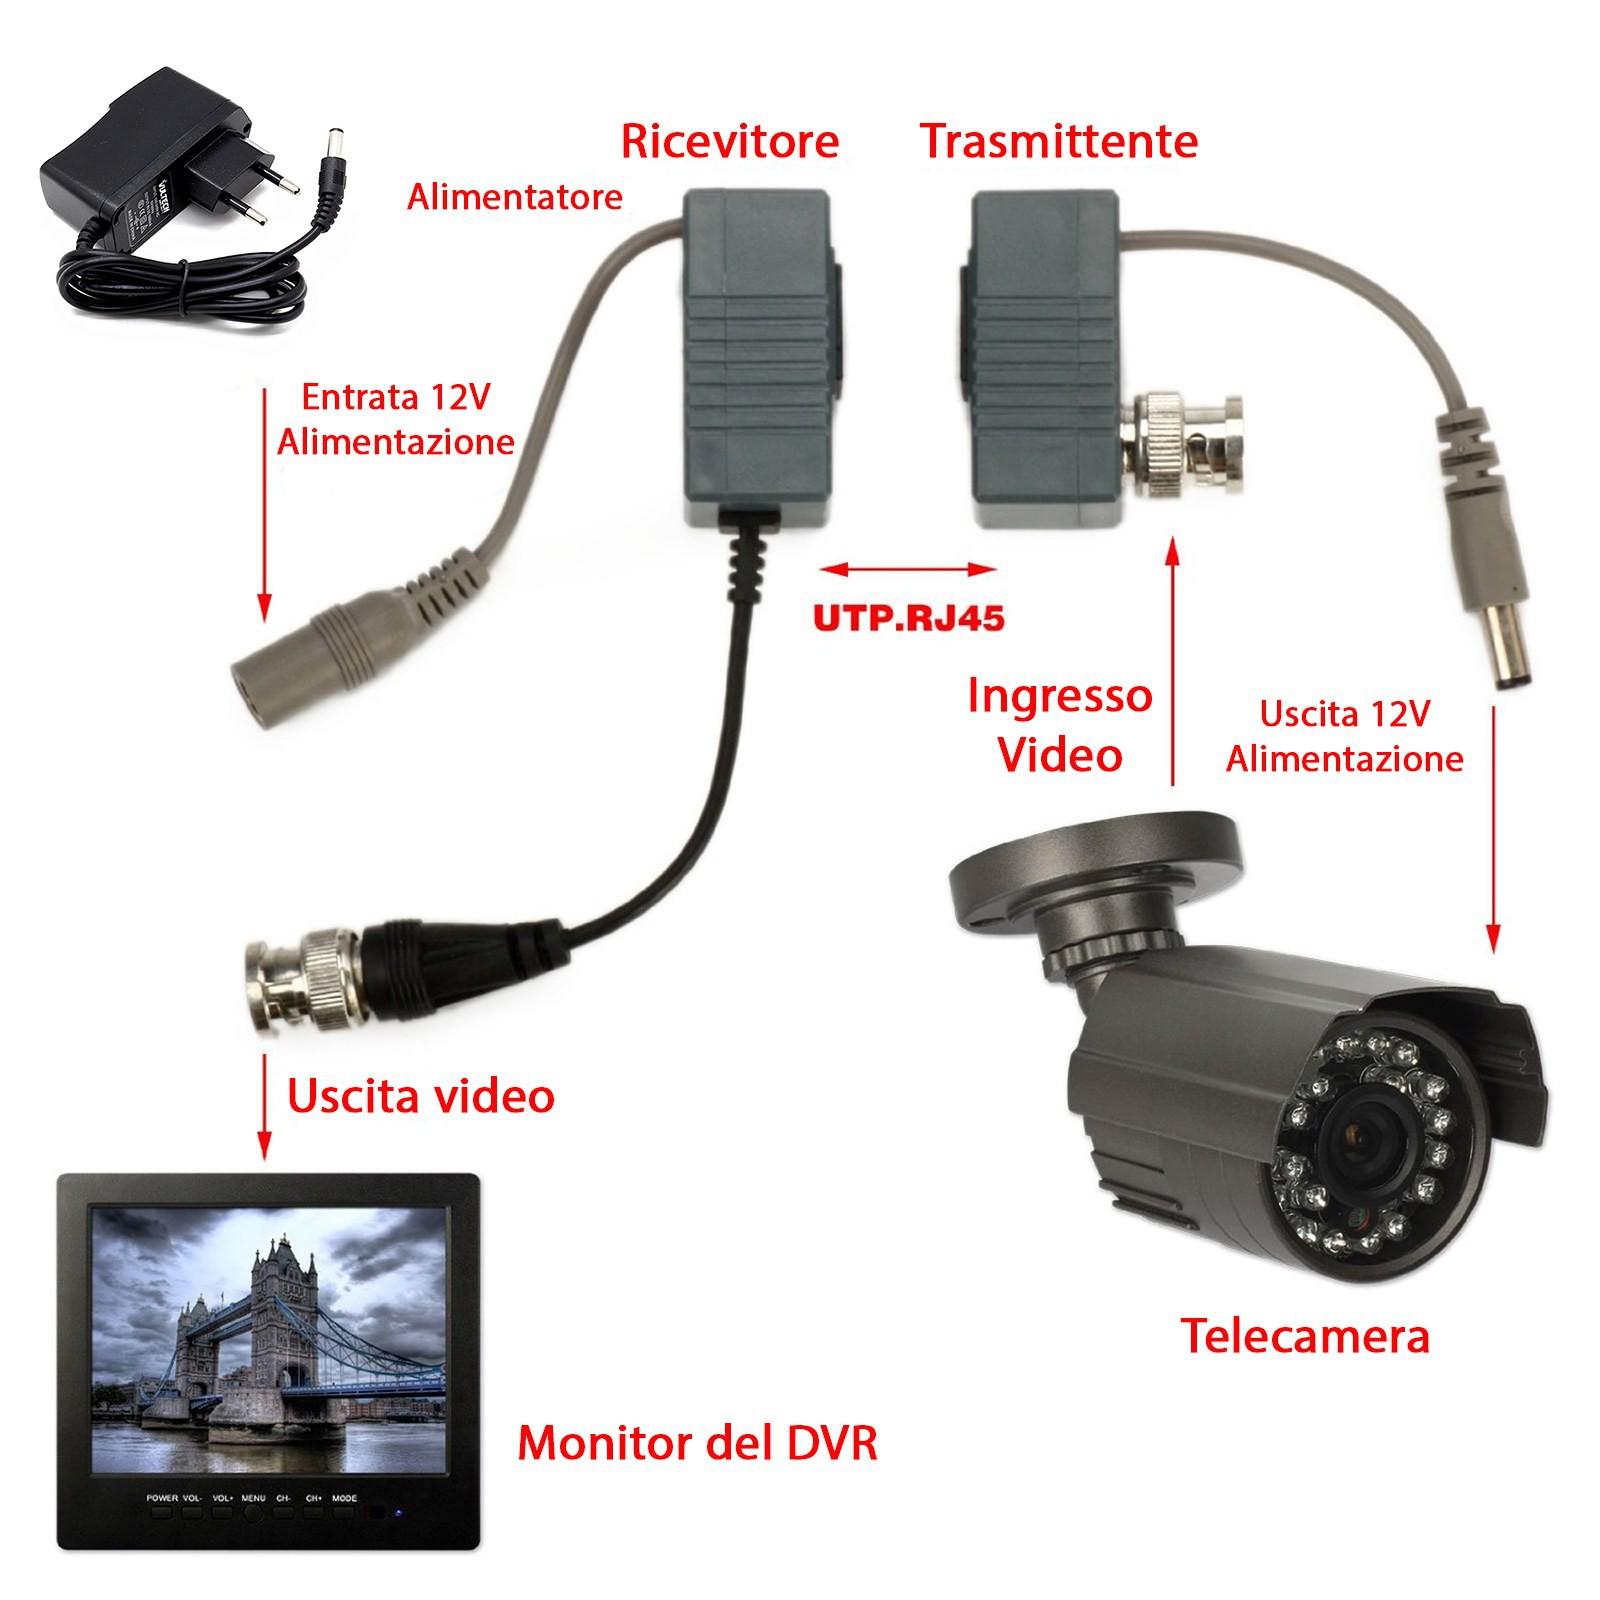 2 trasmettitori coppia video balun passivo cavo utp cat5